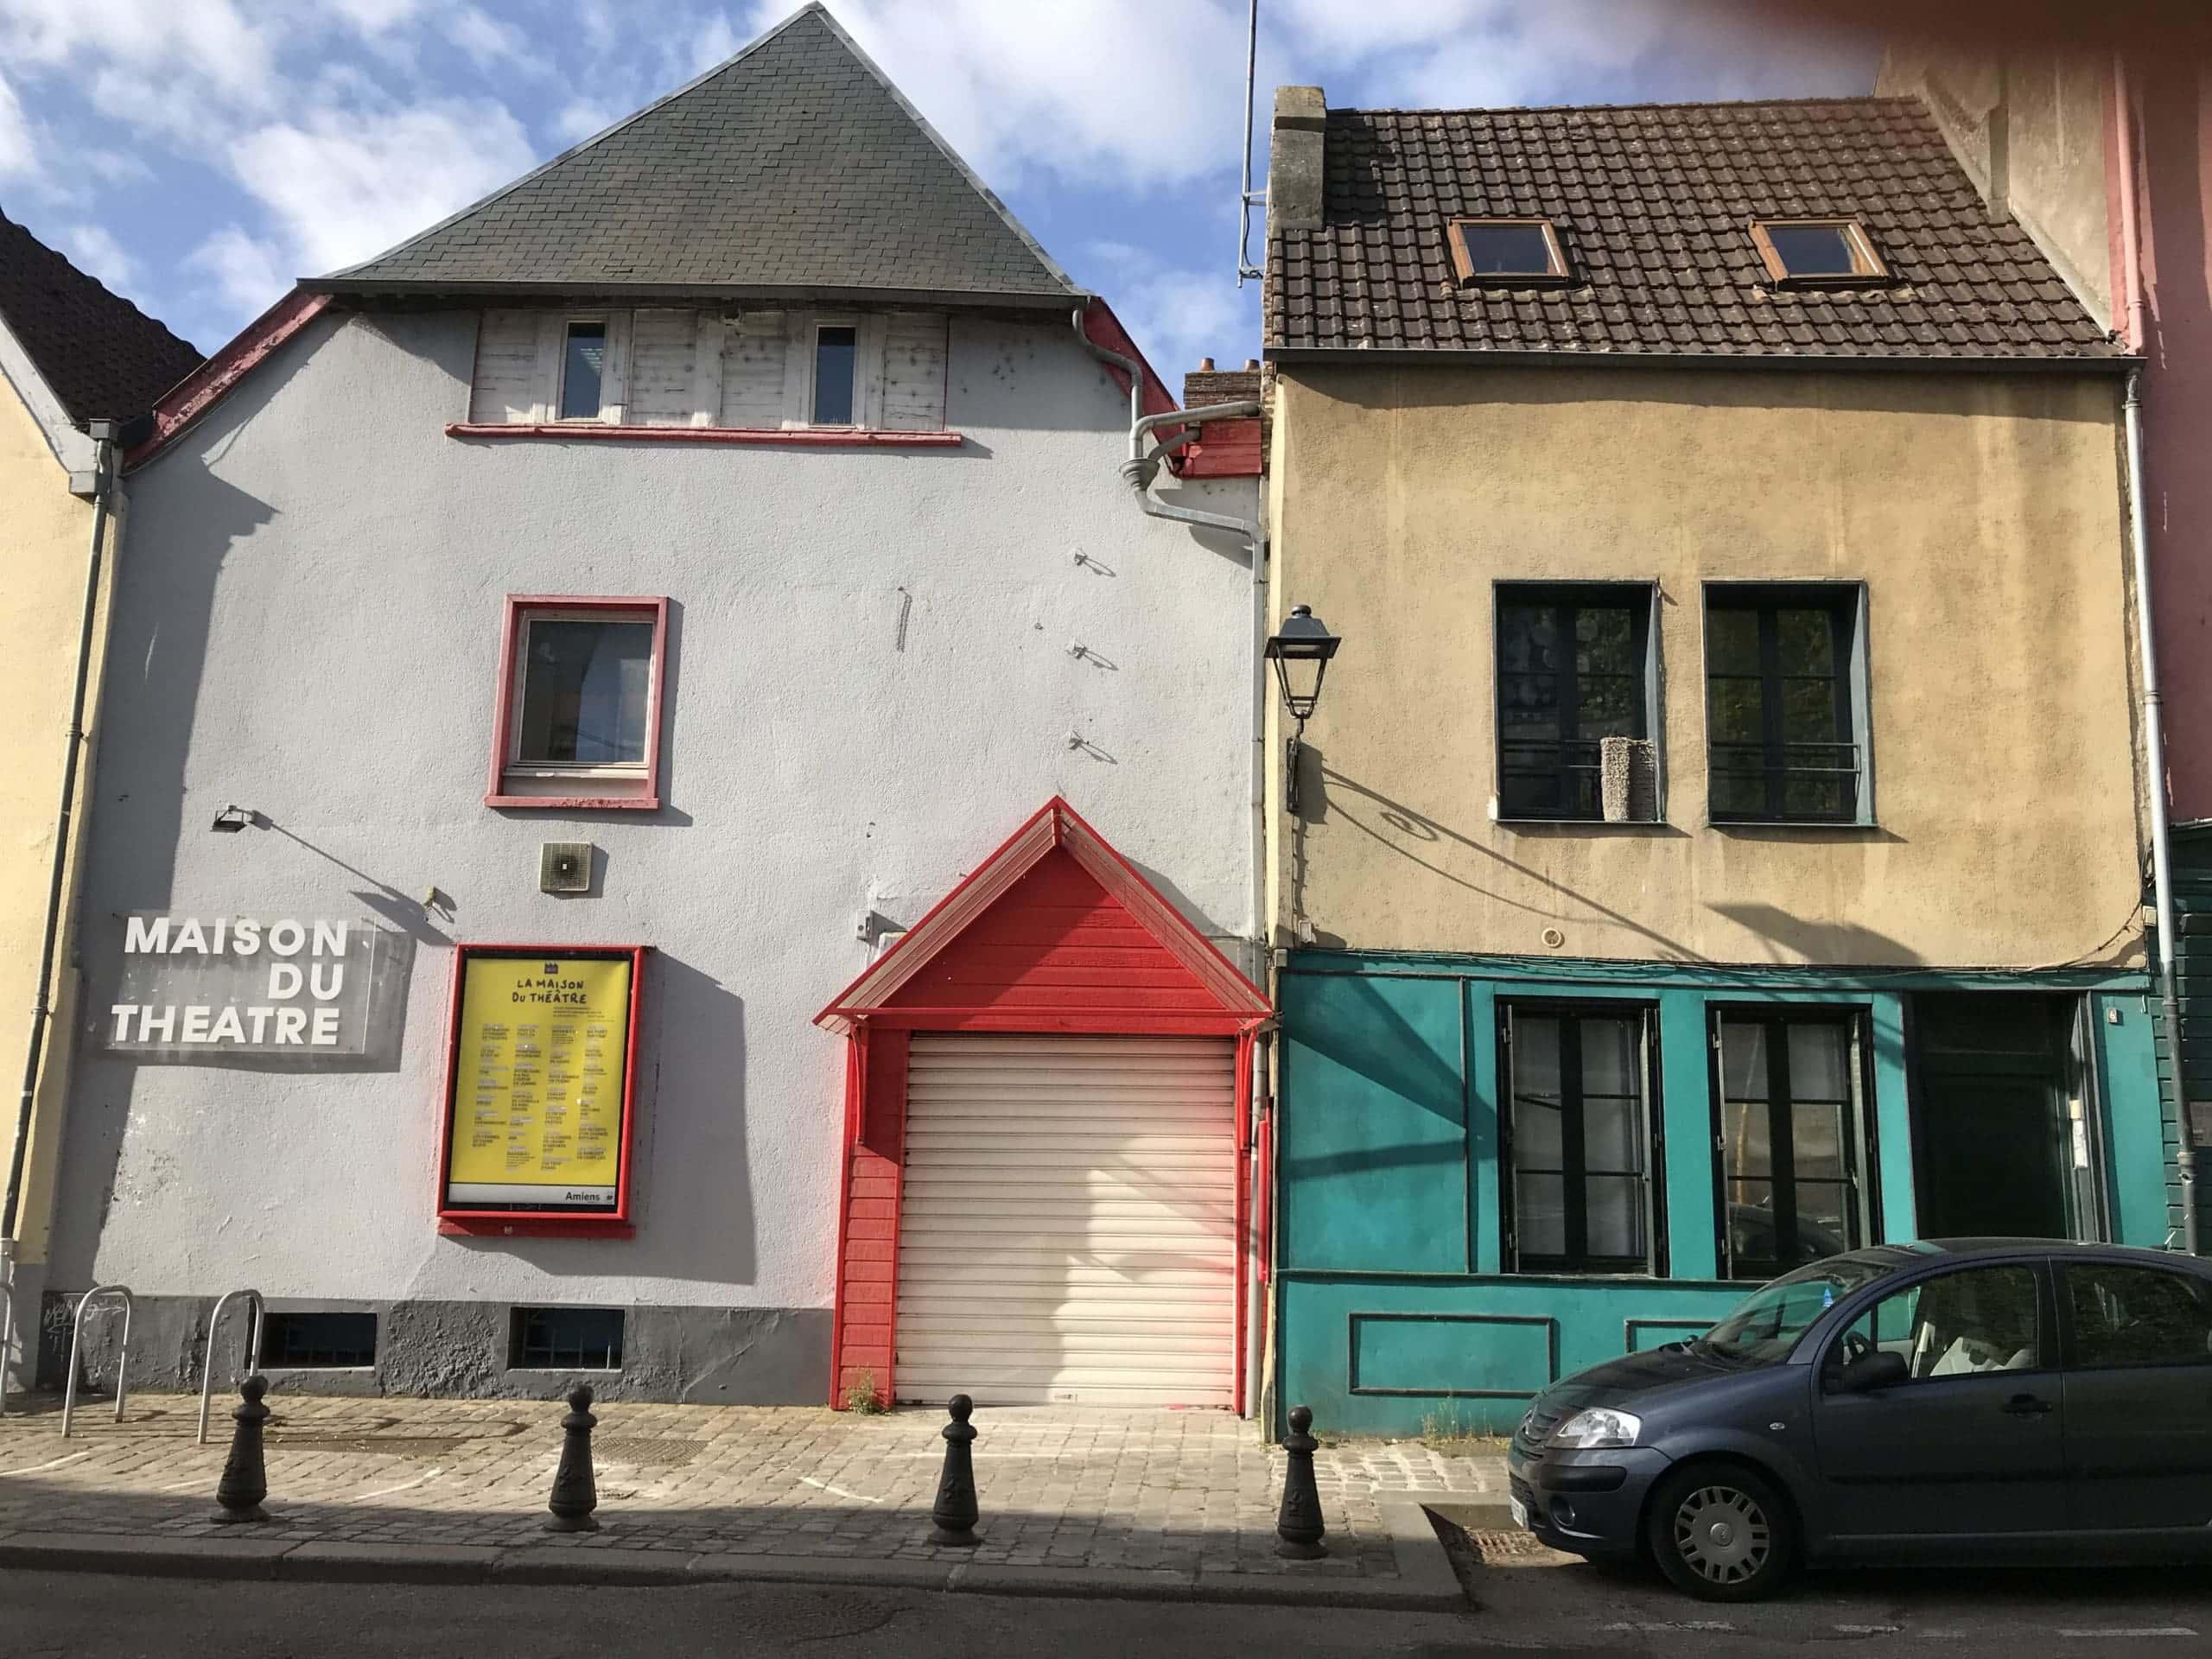 Maison du Théâtre, Amiens